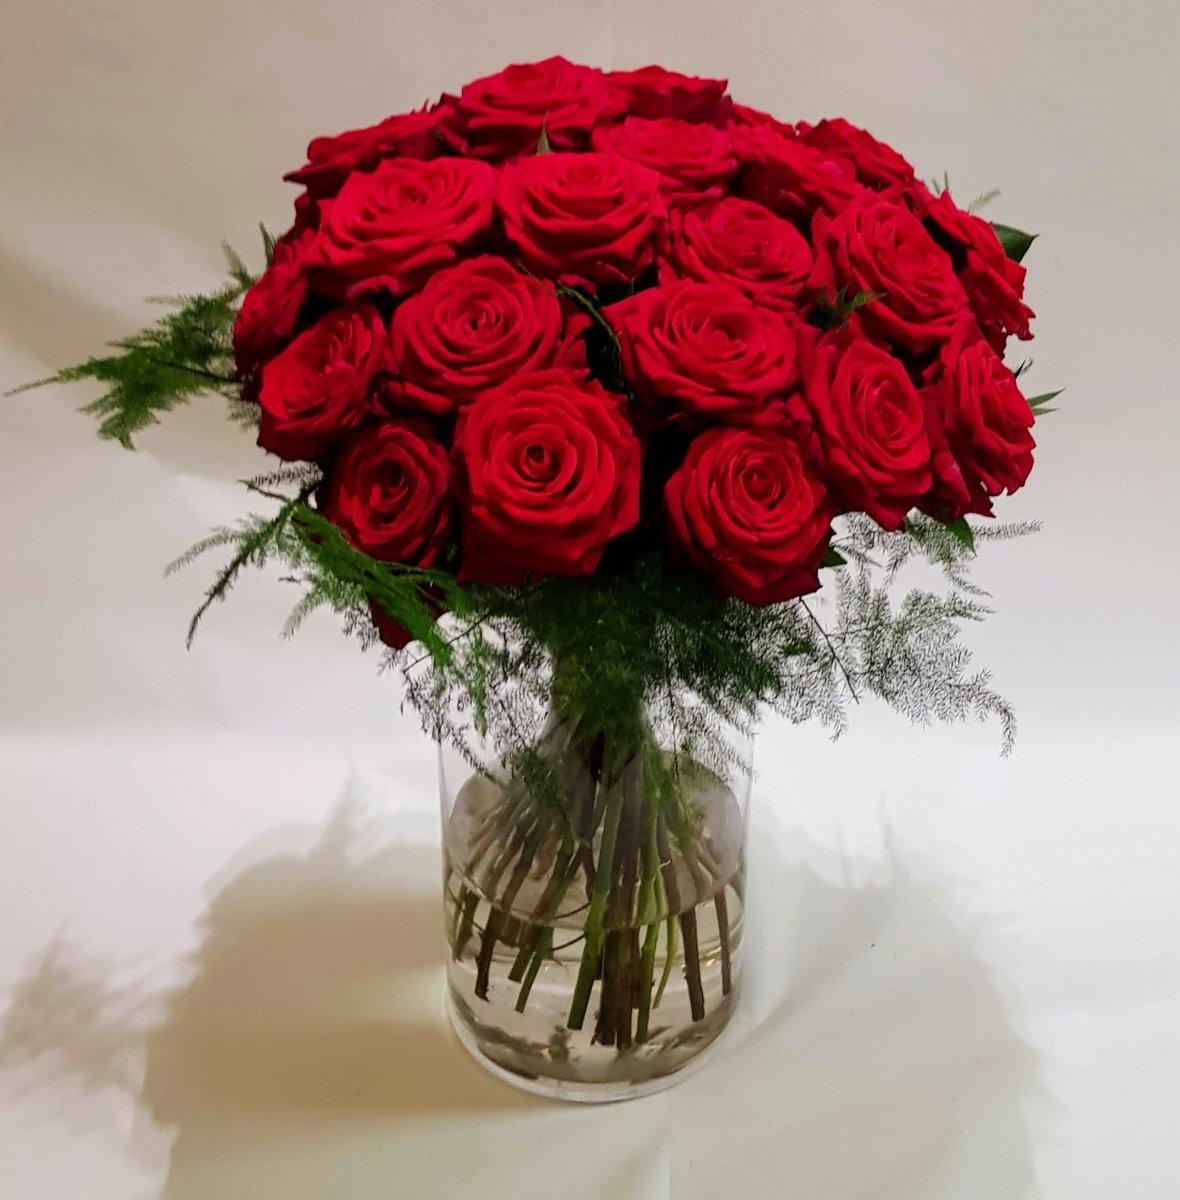 boeket 25 verse rode rozen - dikke knoppen - enkele takjes groen kopen